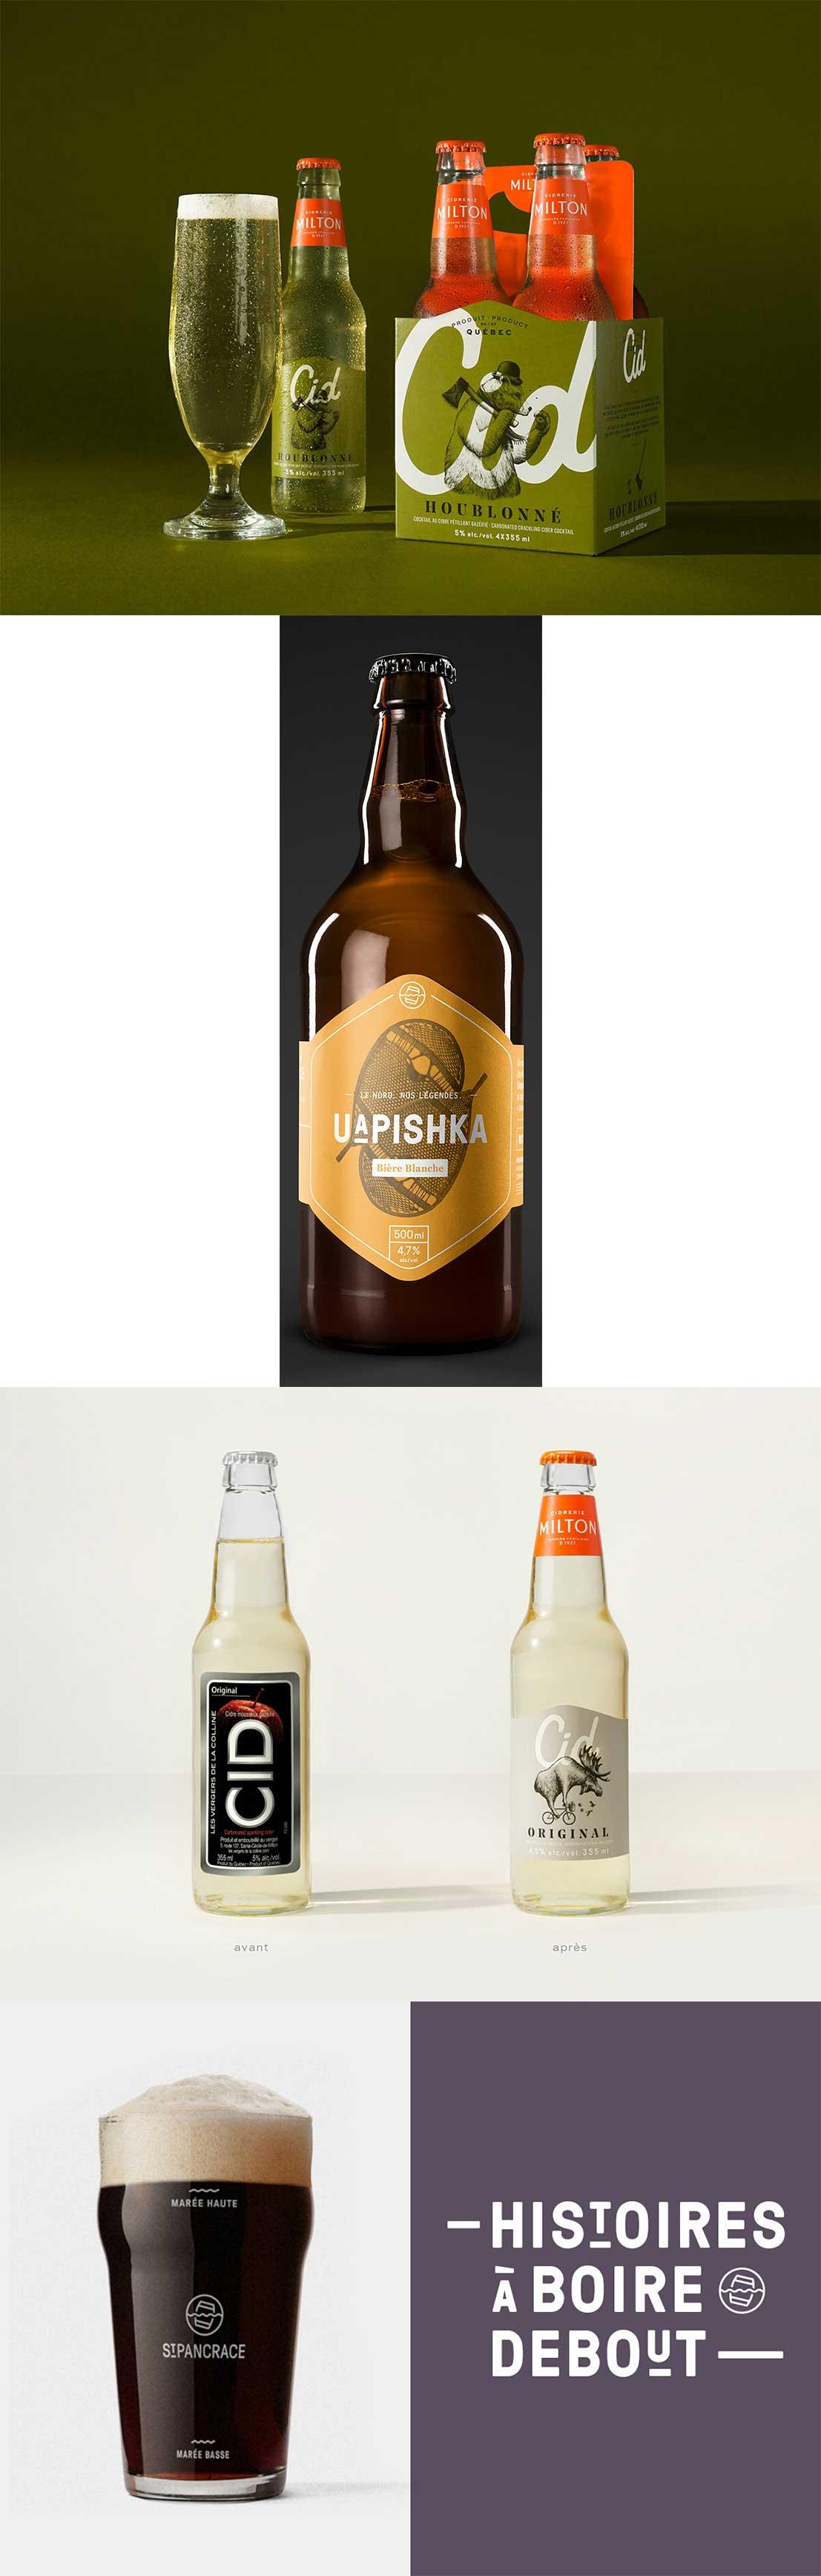 Оригинальный дизайн бутылок для пива